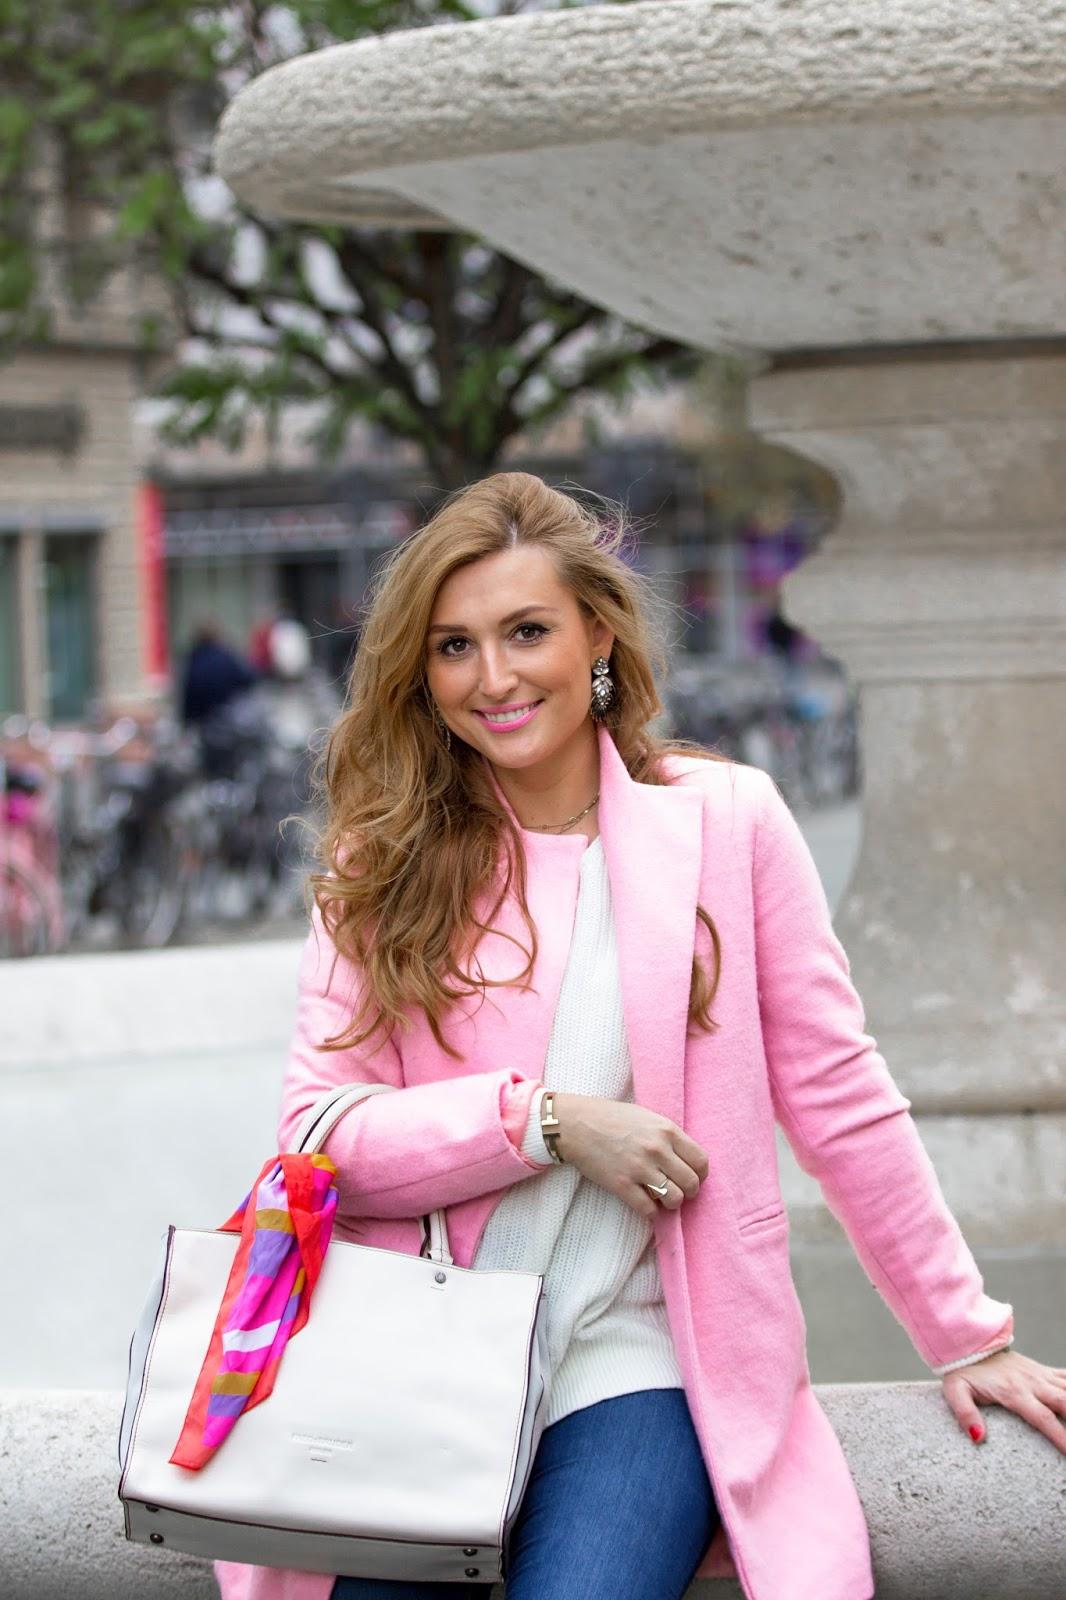 fredsbruder lebenskünstler-rosa-mantel-rosa-wollmantel-winterlook-was-ziehe-ich-im-winter-an-rosaner-Mantel-fashionblogger-bloggerstyle-fashionstylebyjohanna